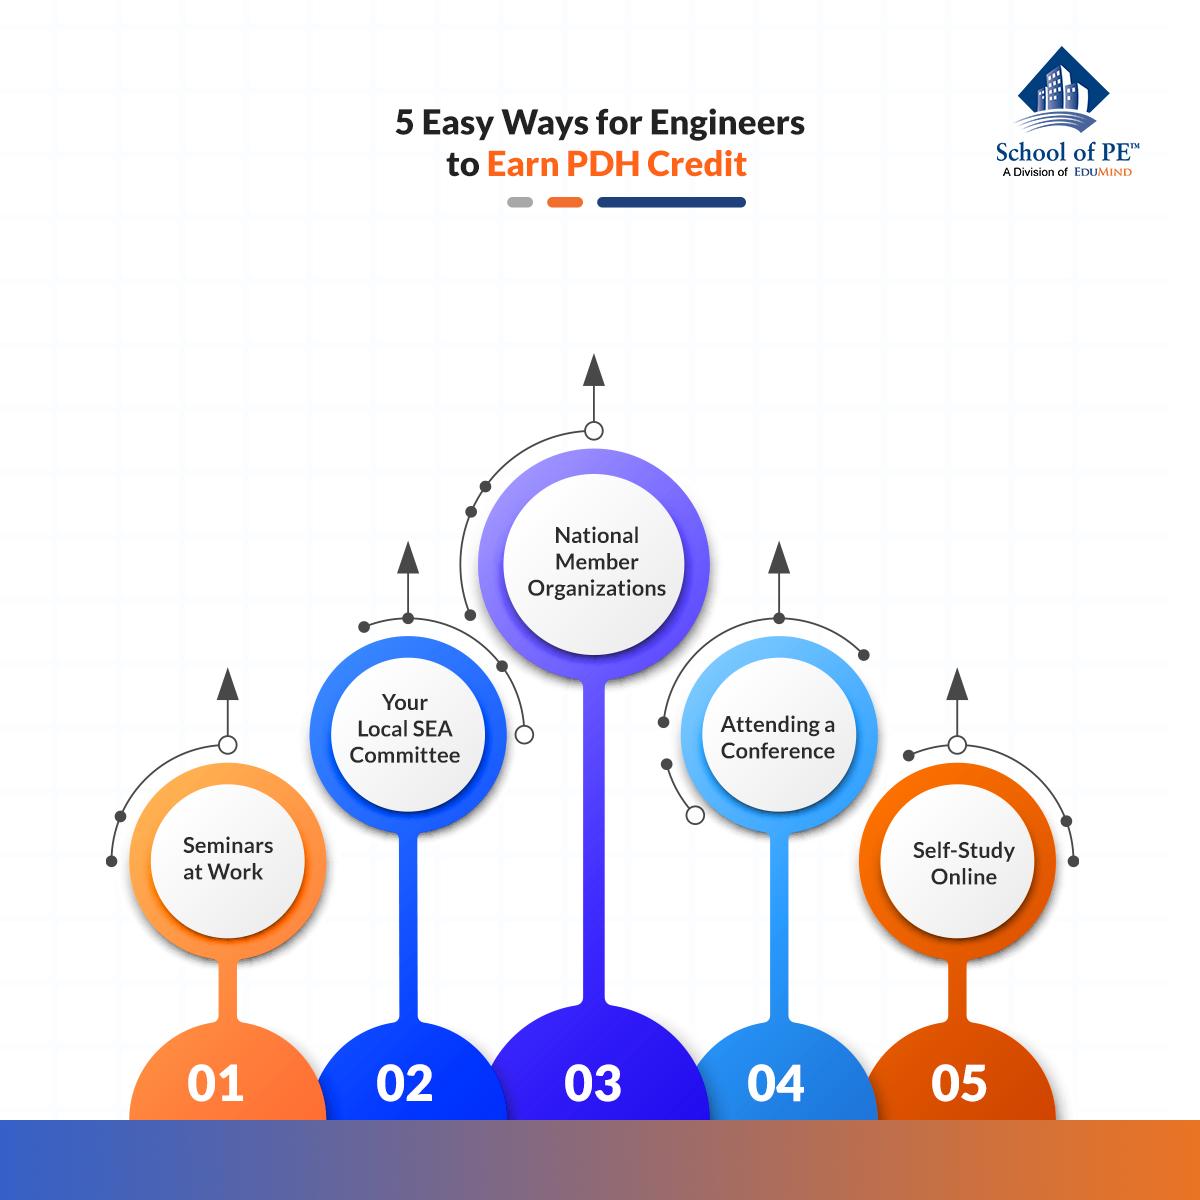 工程师获得PDH学分的5个简单方法